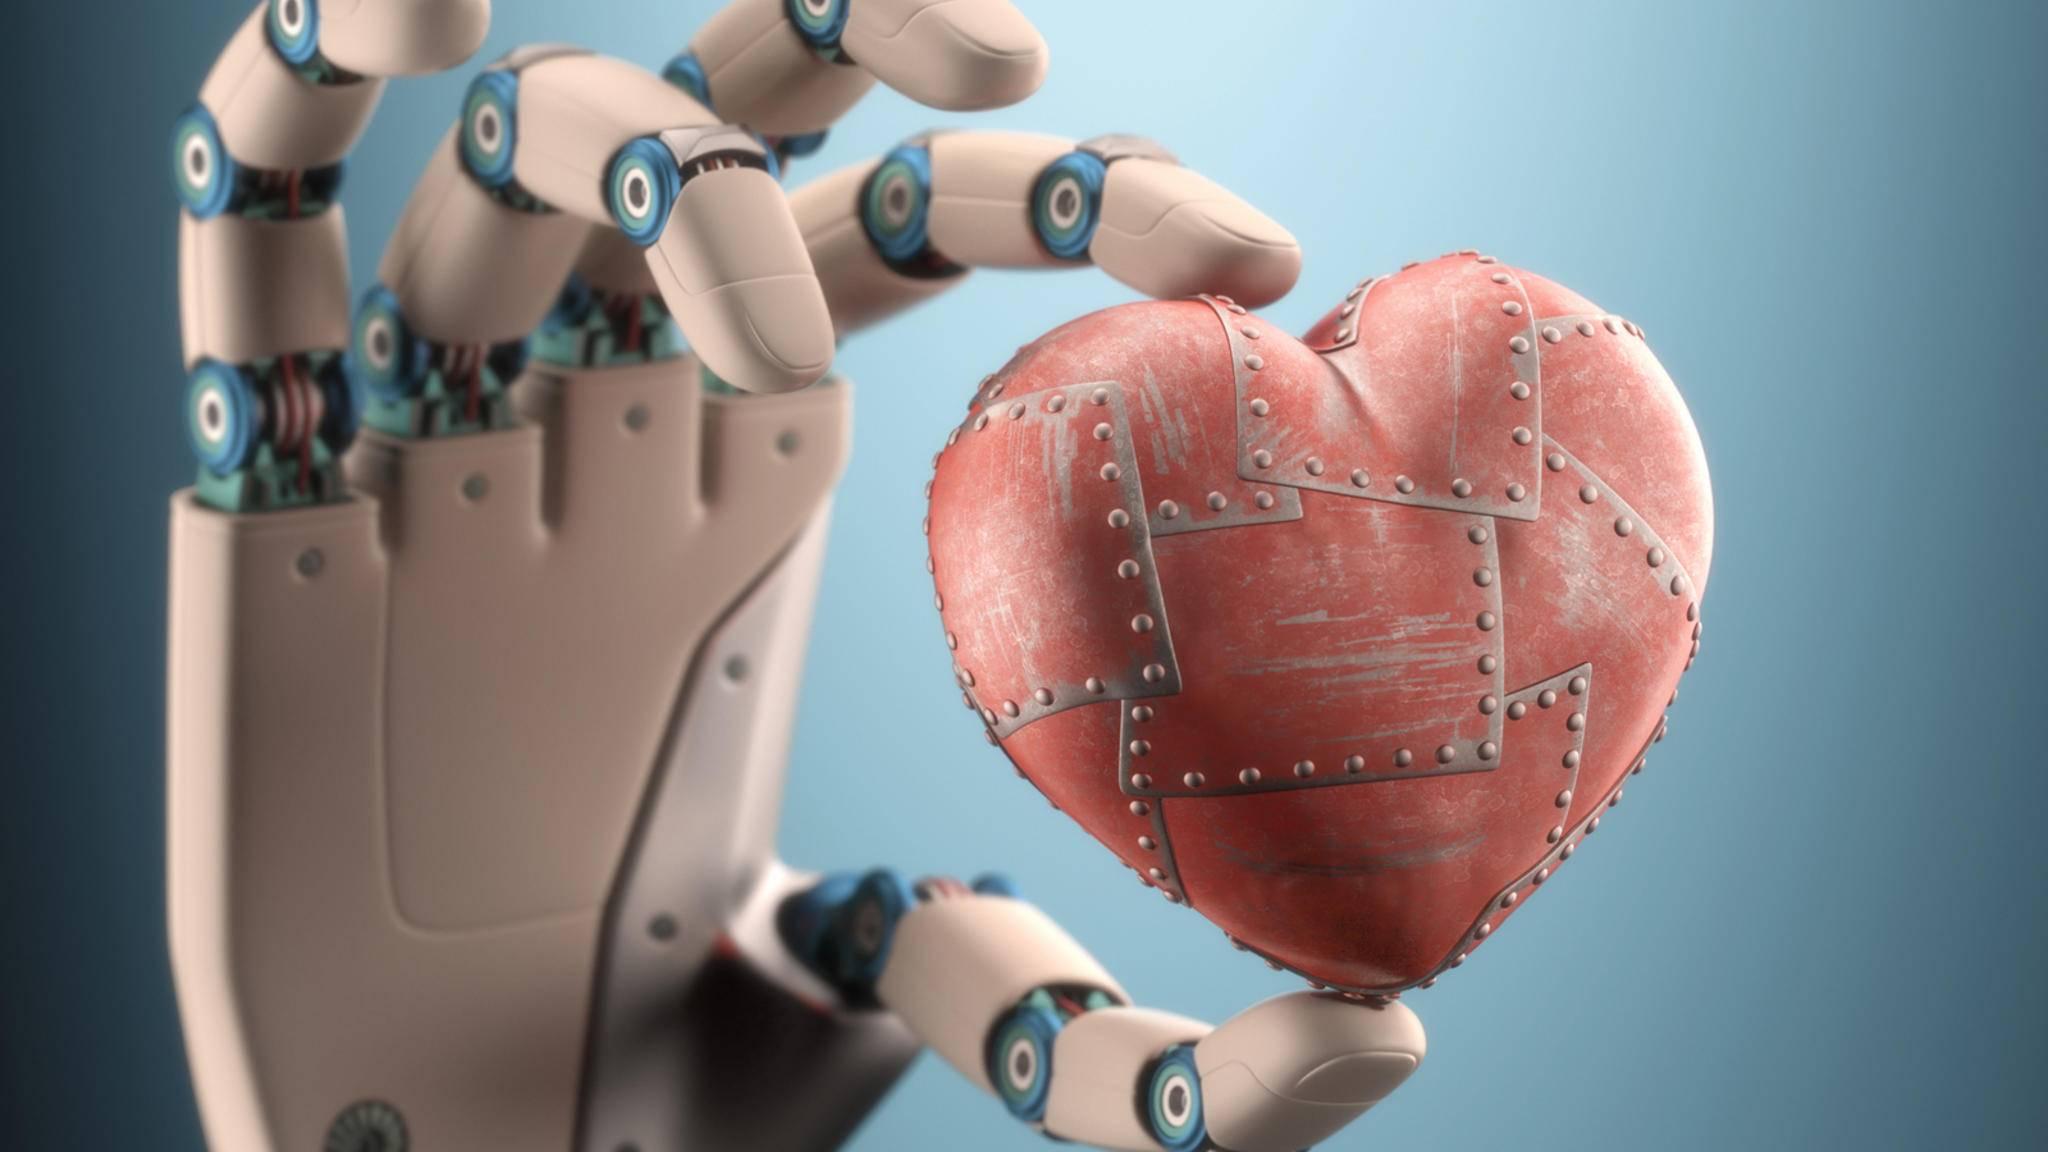 Forscher an der Harvard-Universität haben ein Herz für Roboter – und entwickelten einen Roboter fürs Herz!